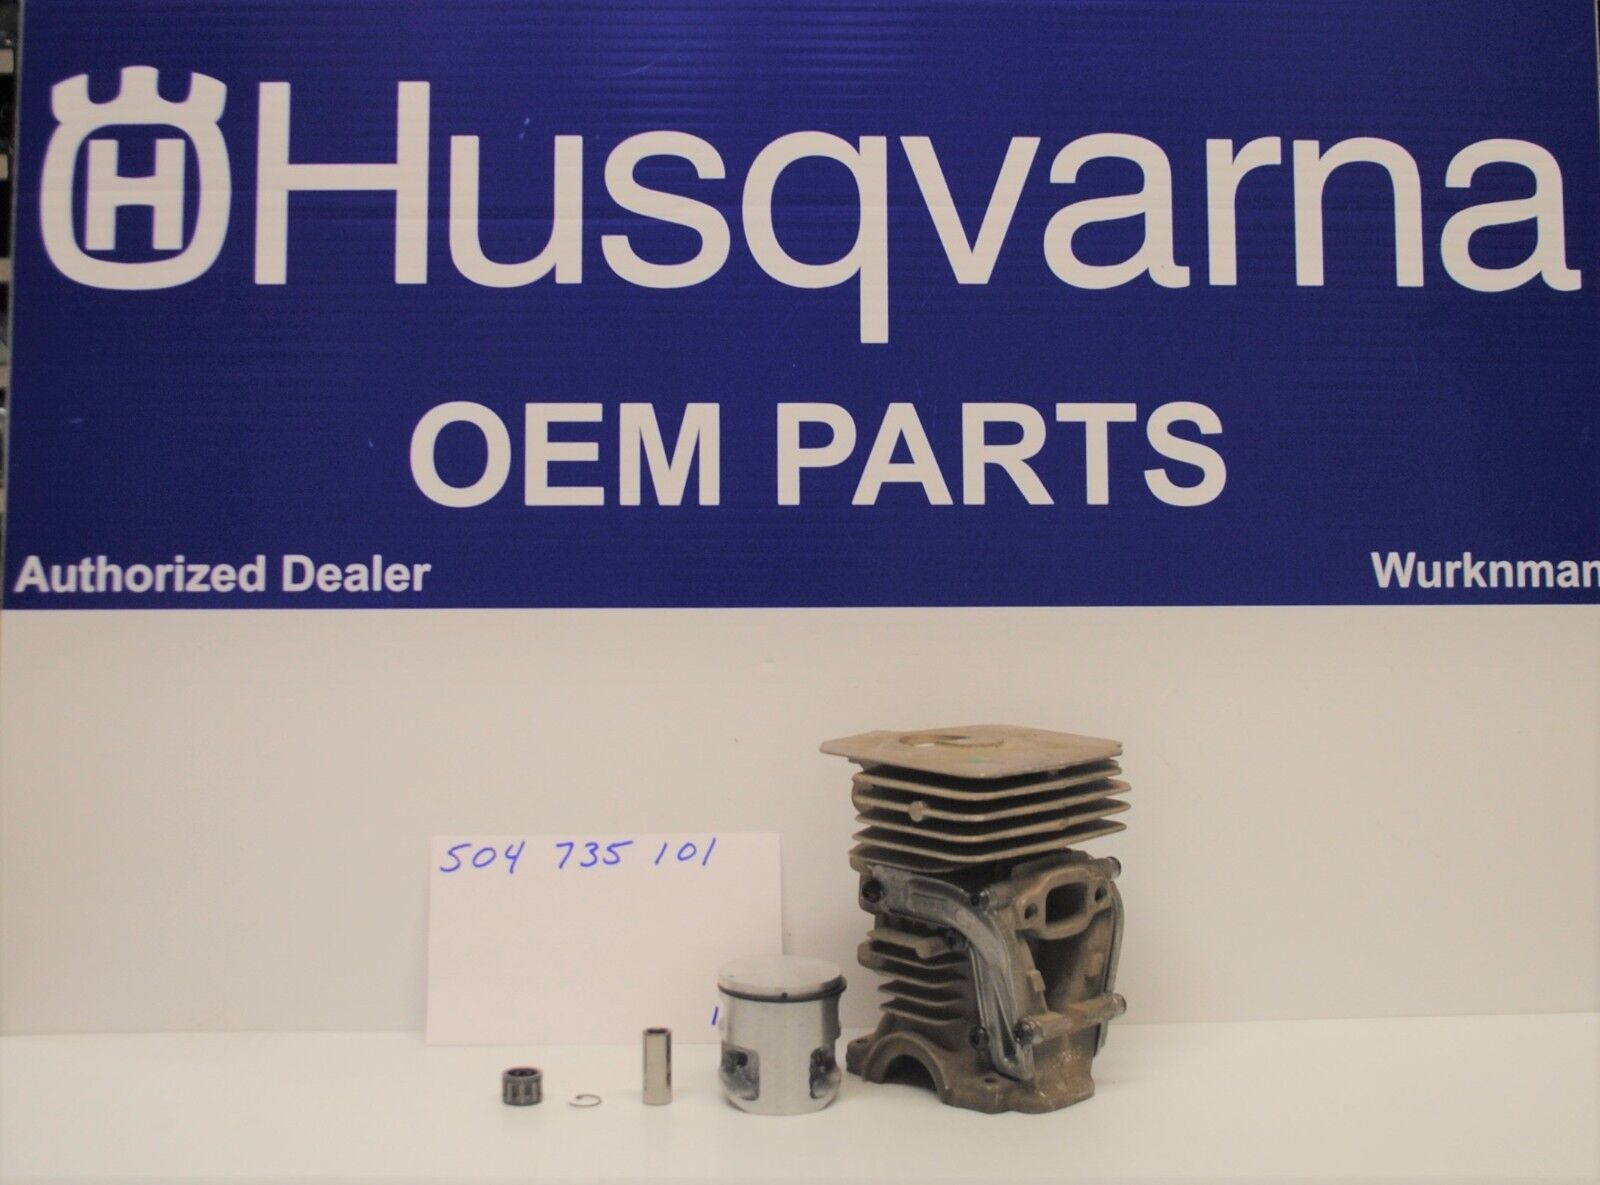 Genuine OEM 504735101 Husqvarna 435-435e-440e Cilindro Kit